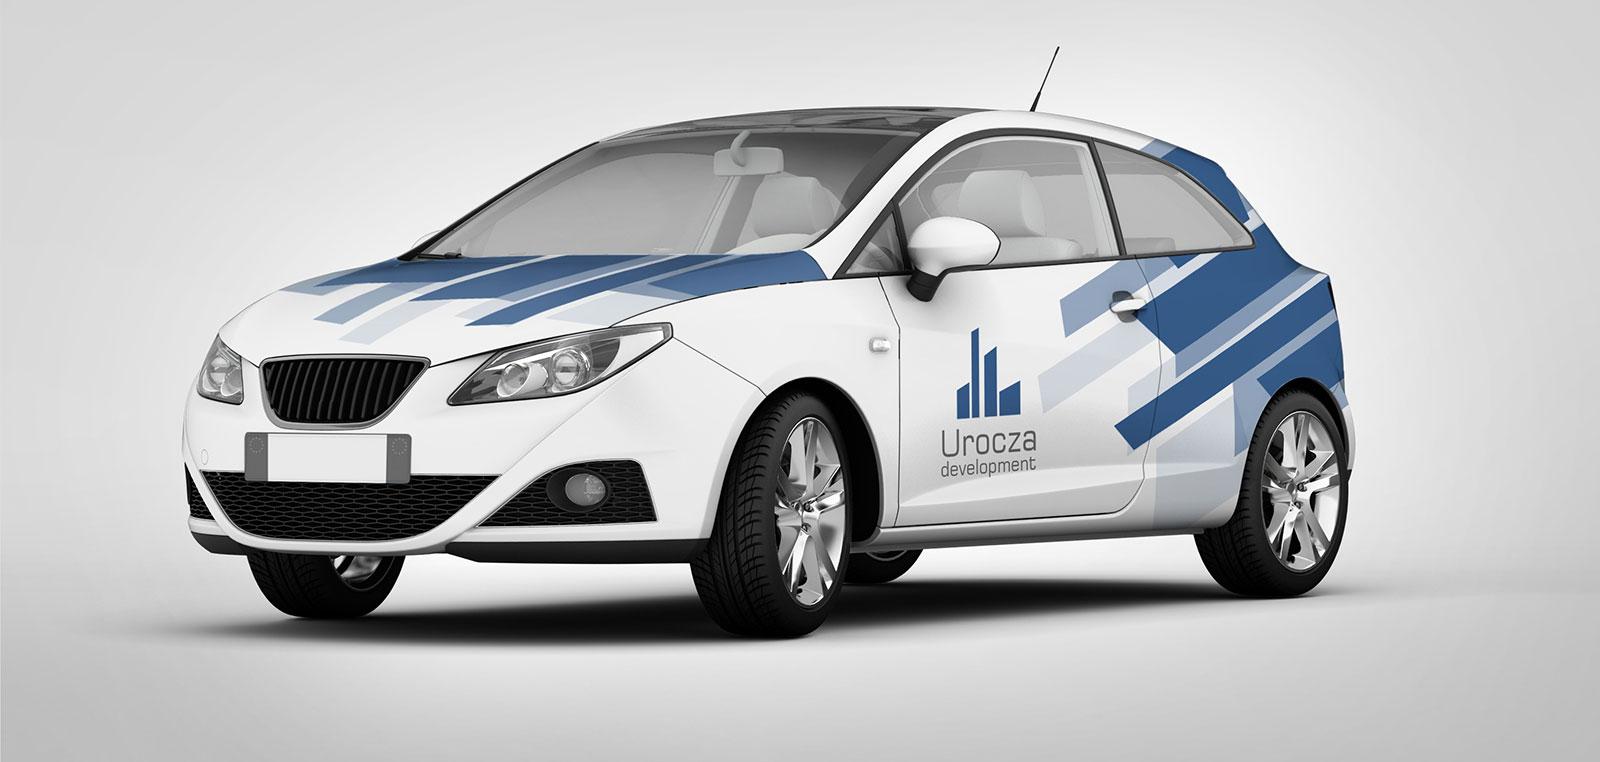 Samochód oklejony reklamą firmy devoloperskiej